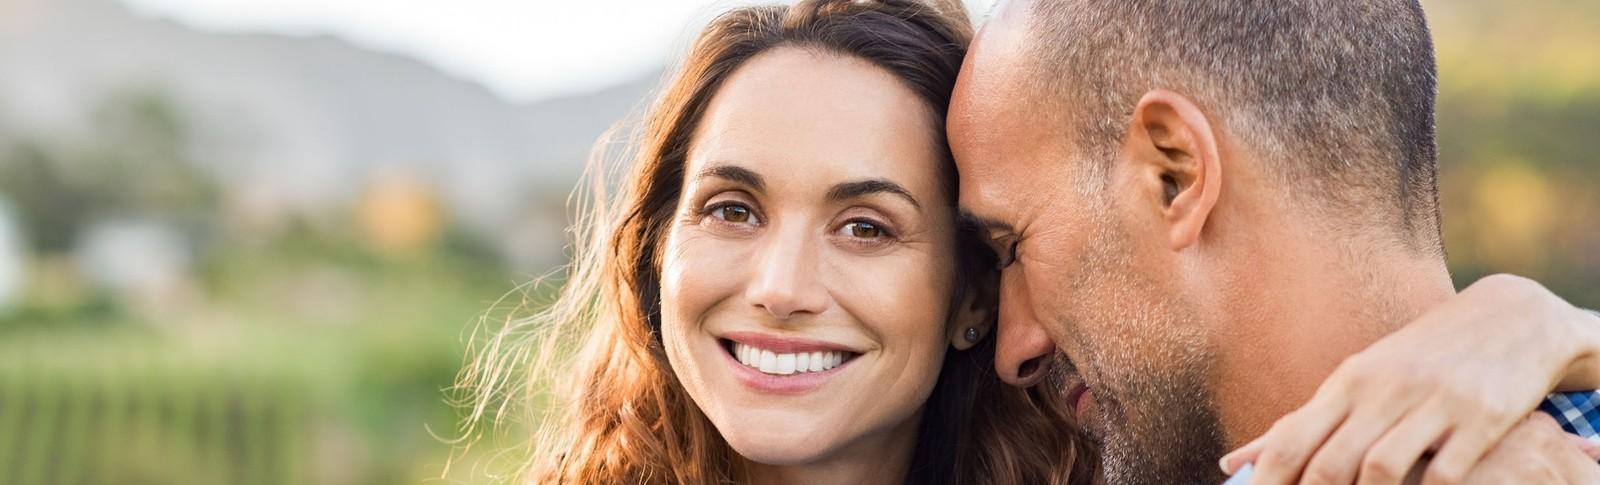 Paar ist zufrieden mit der Haartransplantation für Frauen